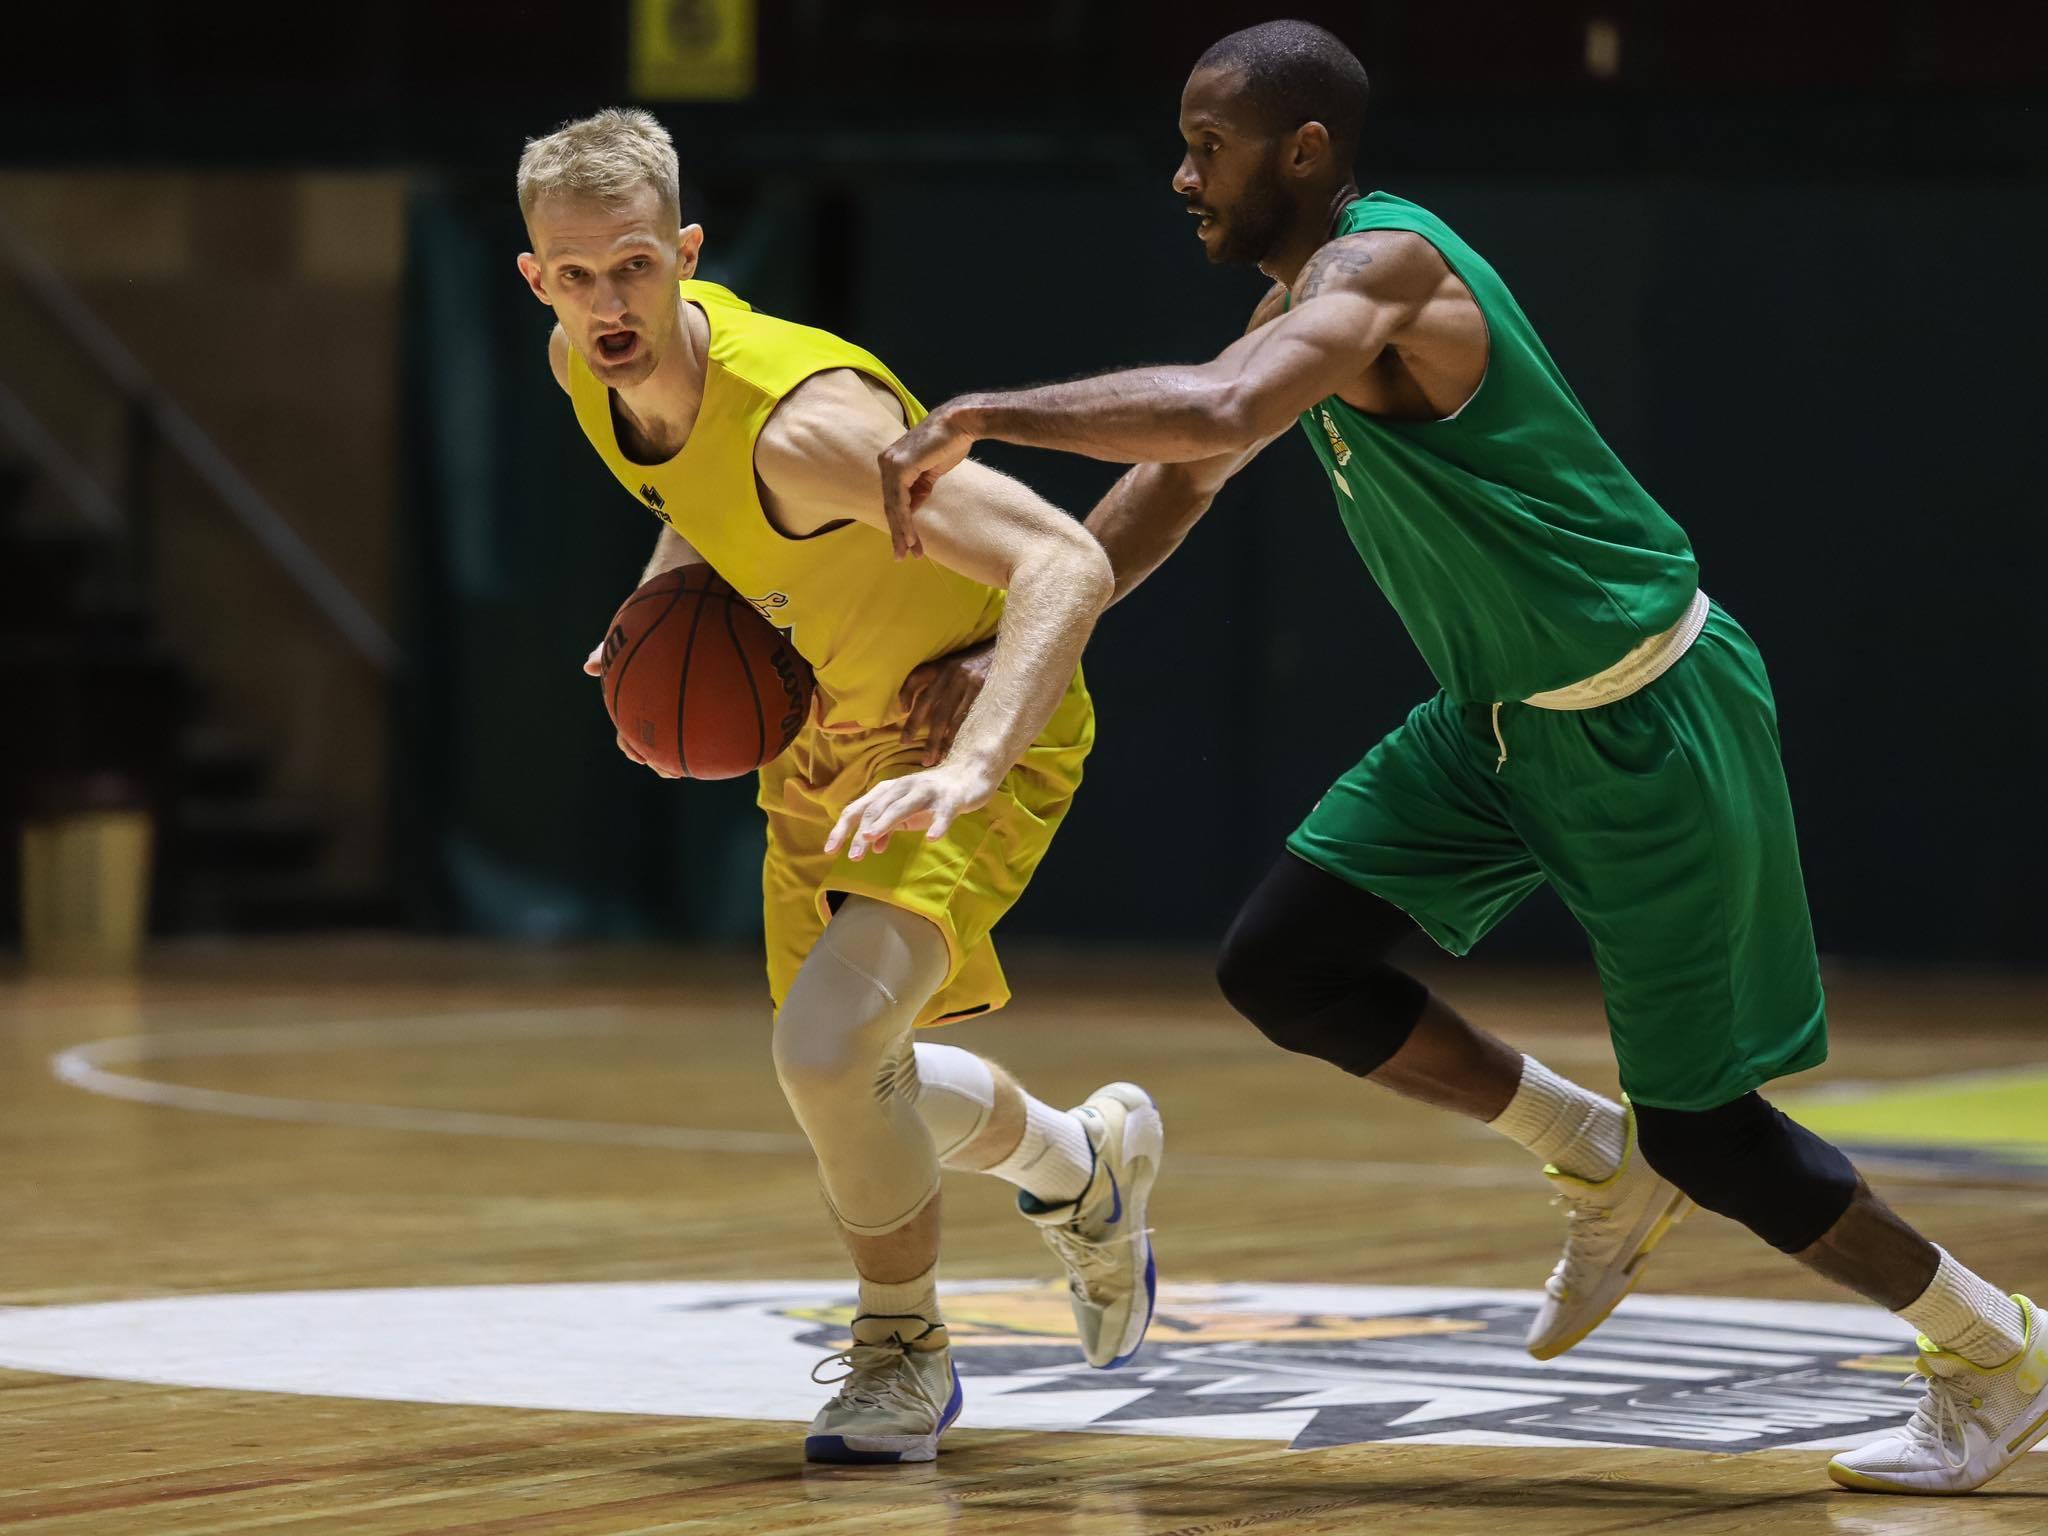 Київ-Баскет переміг Тернопіль у першому контрольному матчі